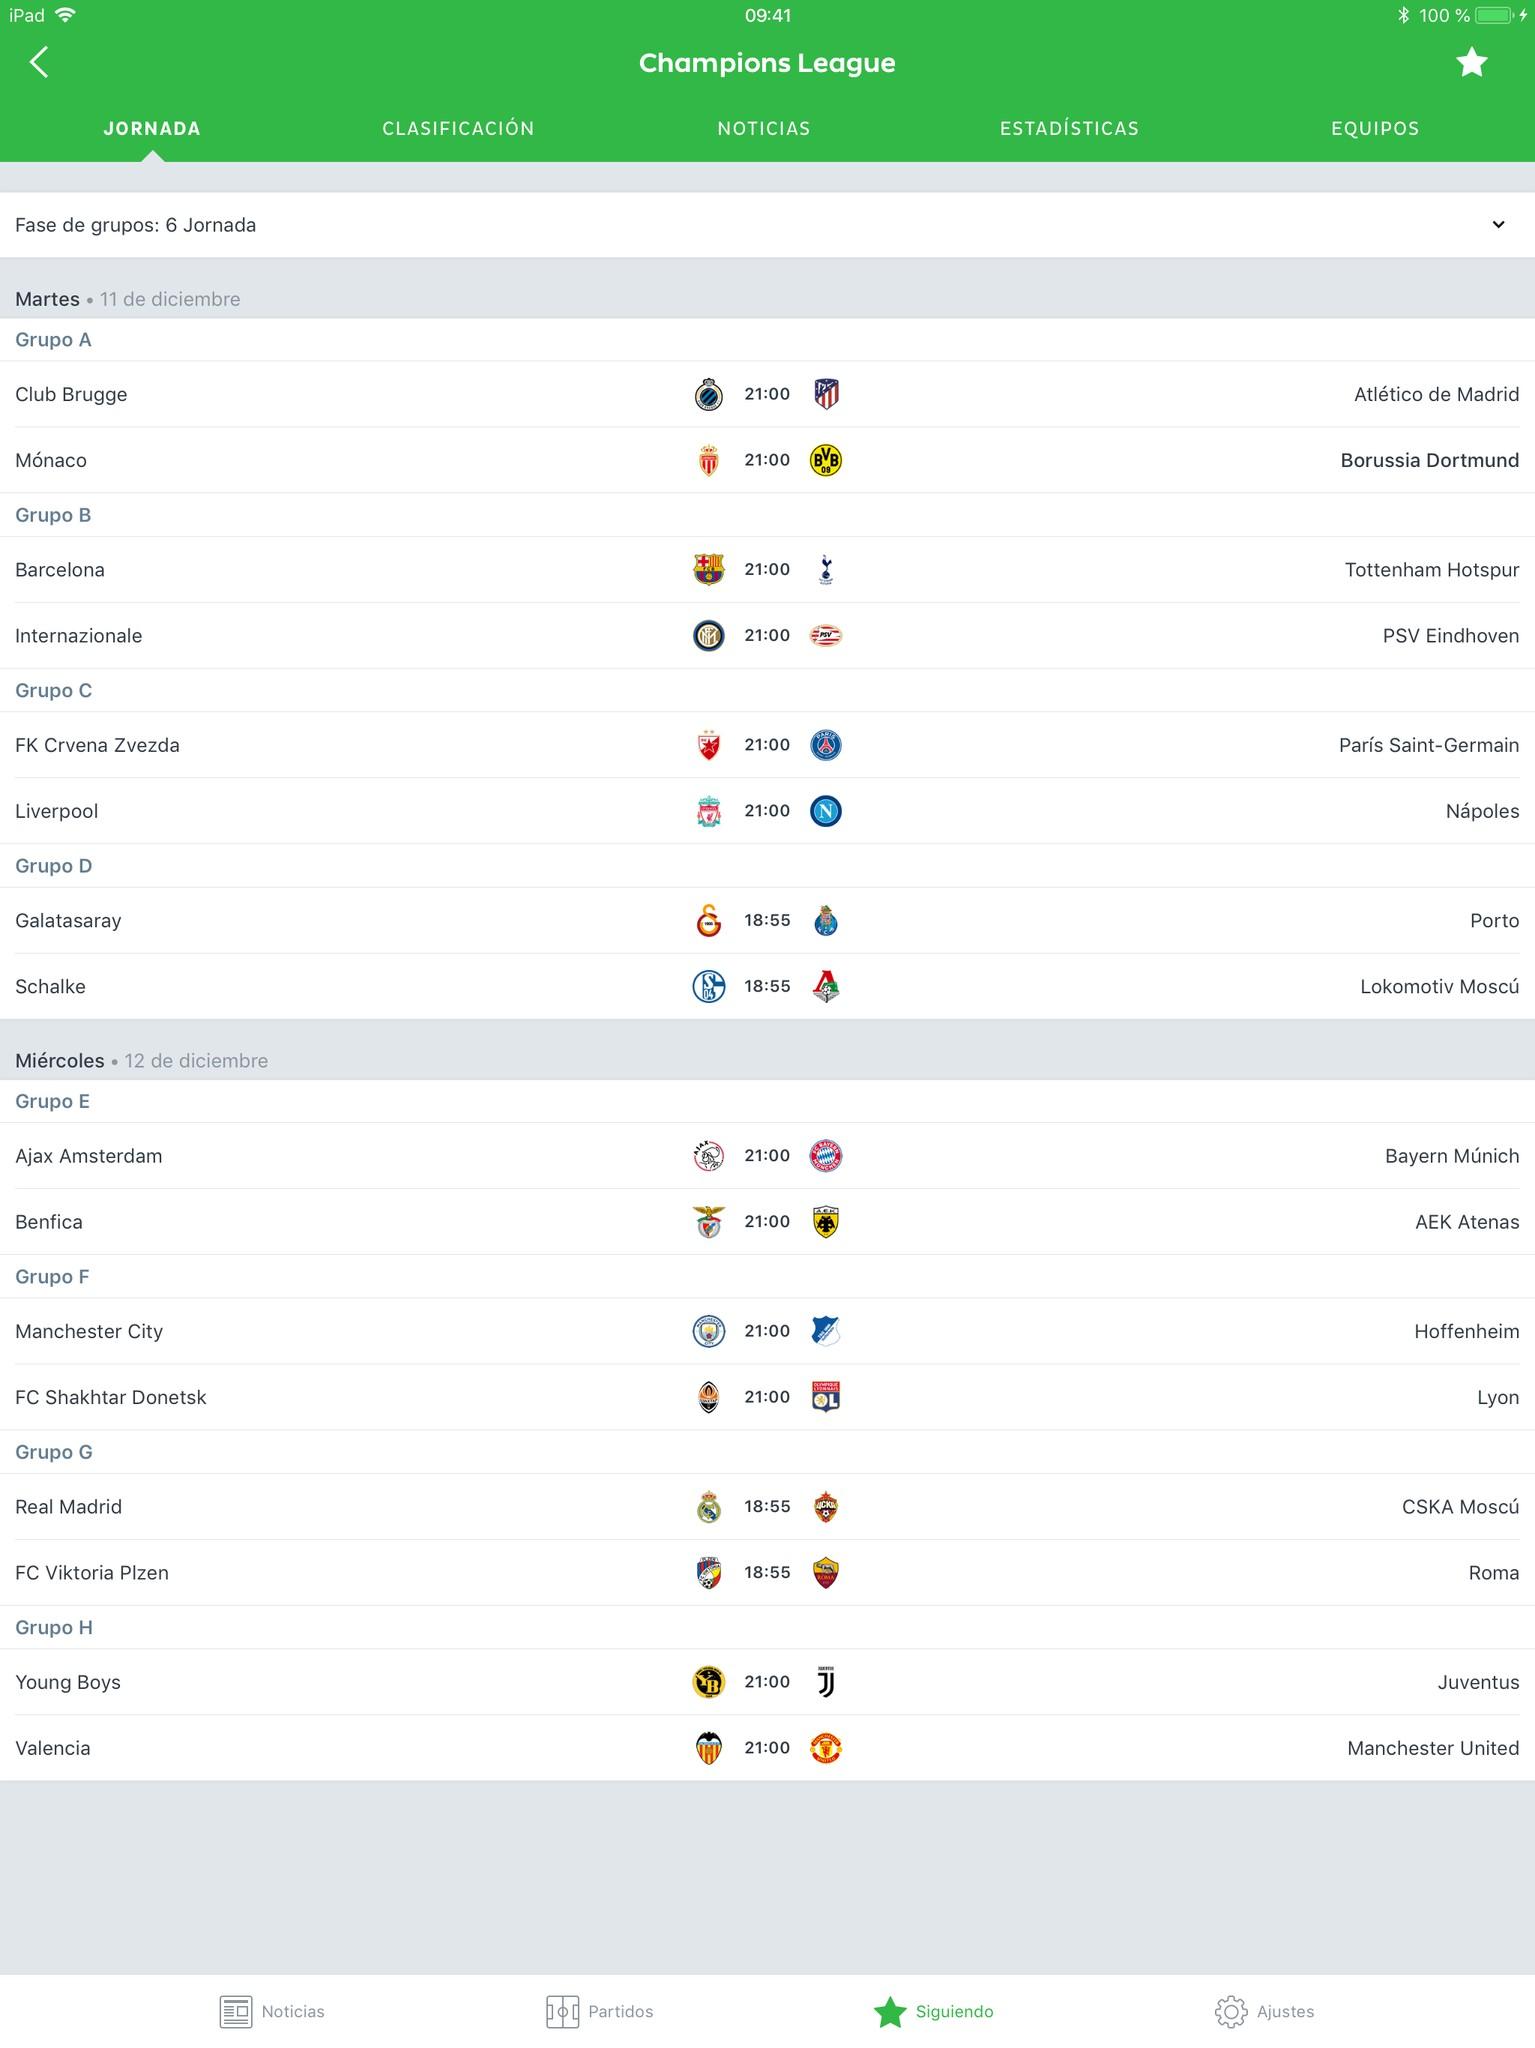 Calendario Oficial 2019 En Mexico Más Recientemente Liberado Efootball Noticias De Fºtbol Revenue & Download Estimates